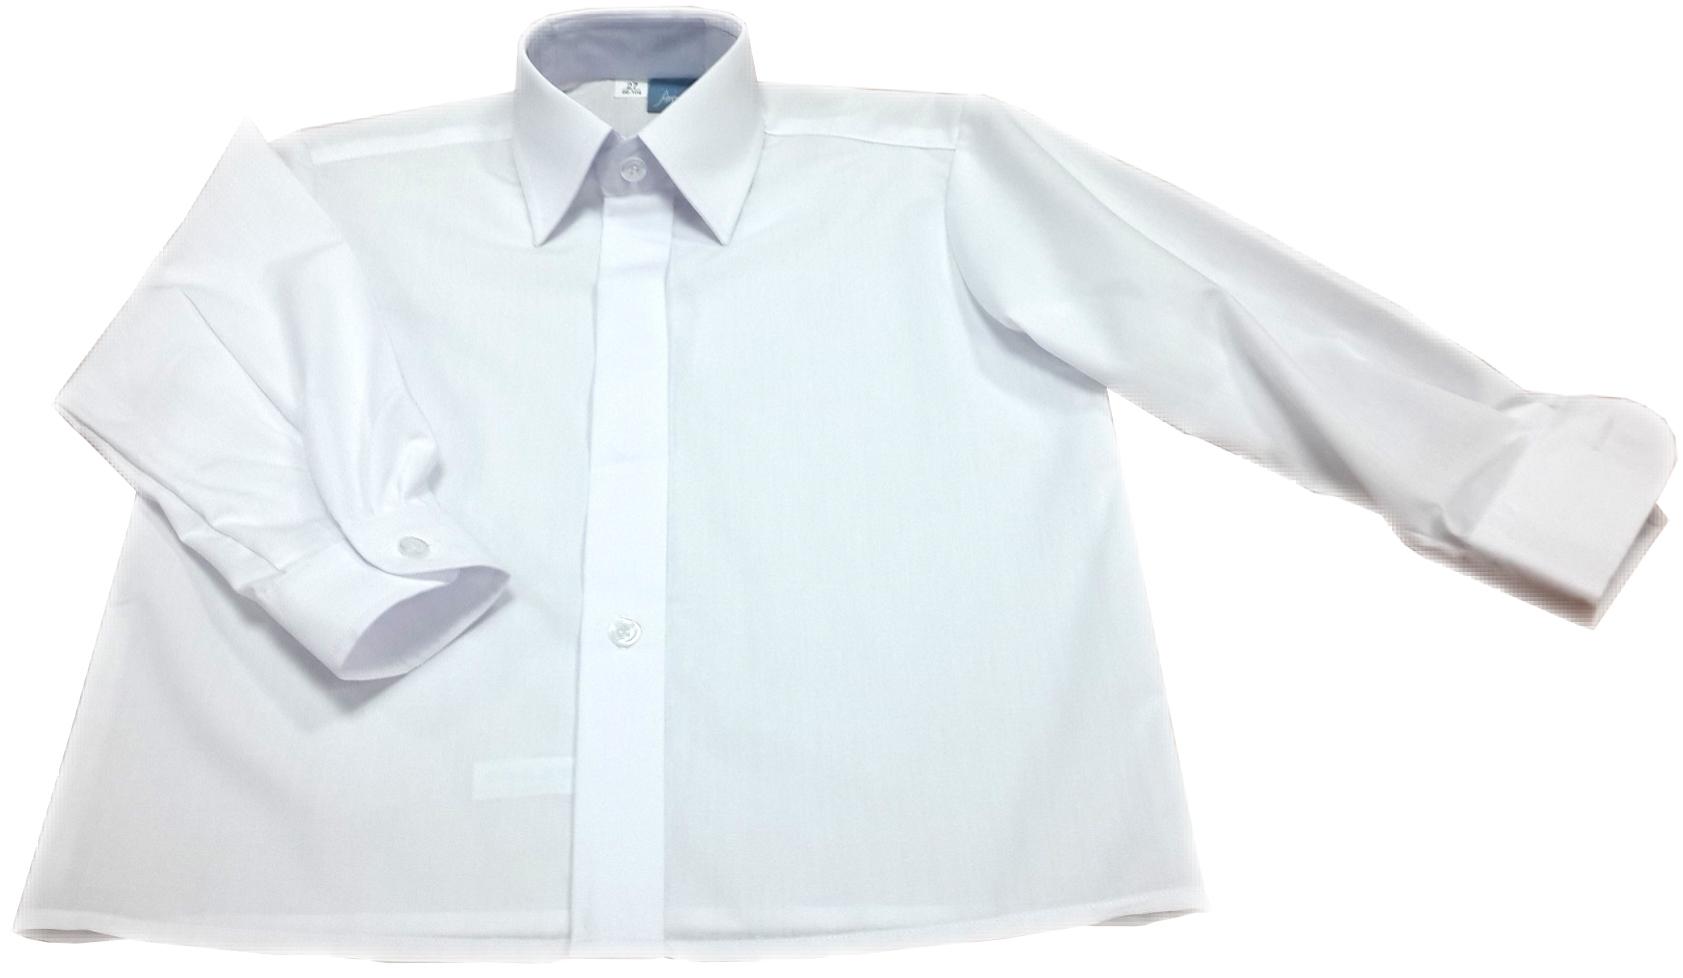 Купить Форма для мальчиков, Рубашка Атрус, АТРУС, Россия, белая, Мужской